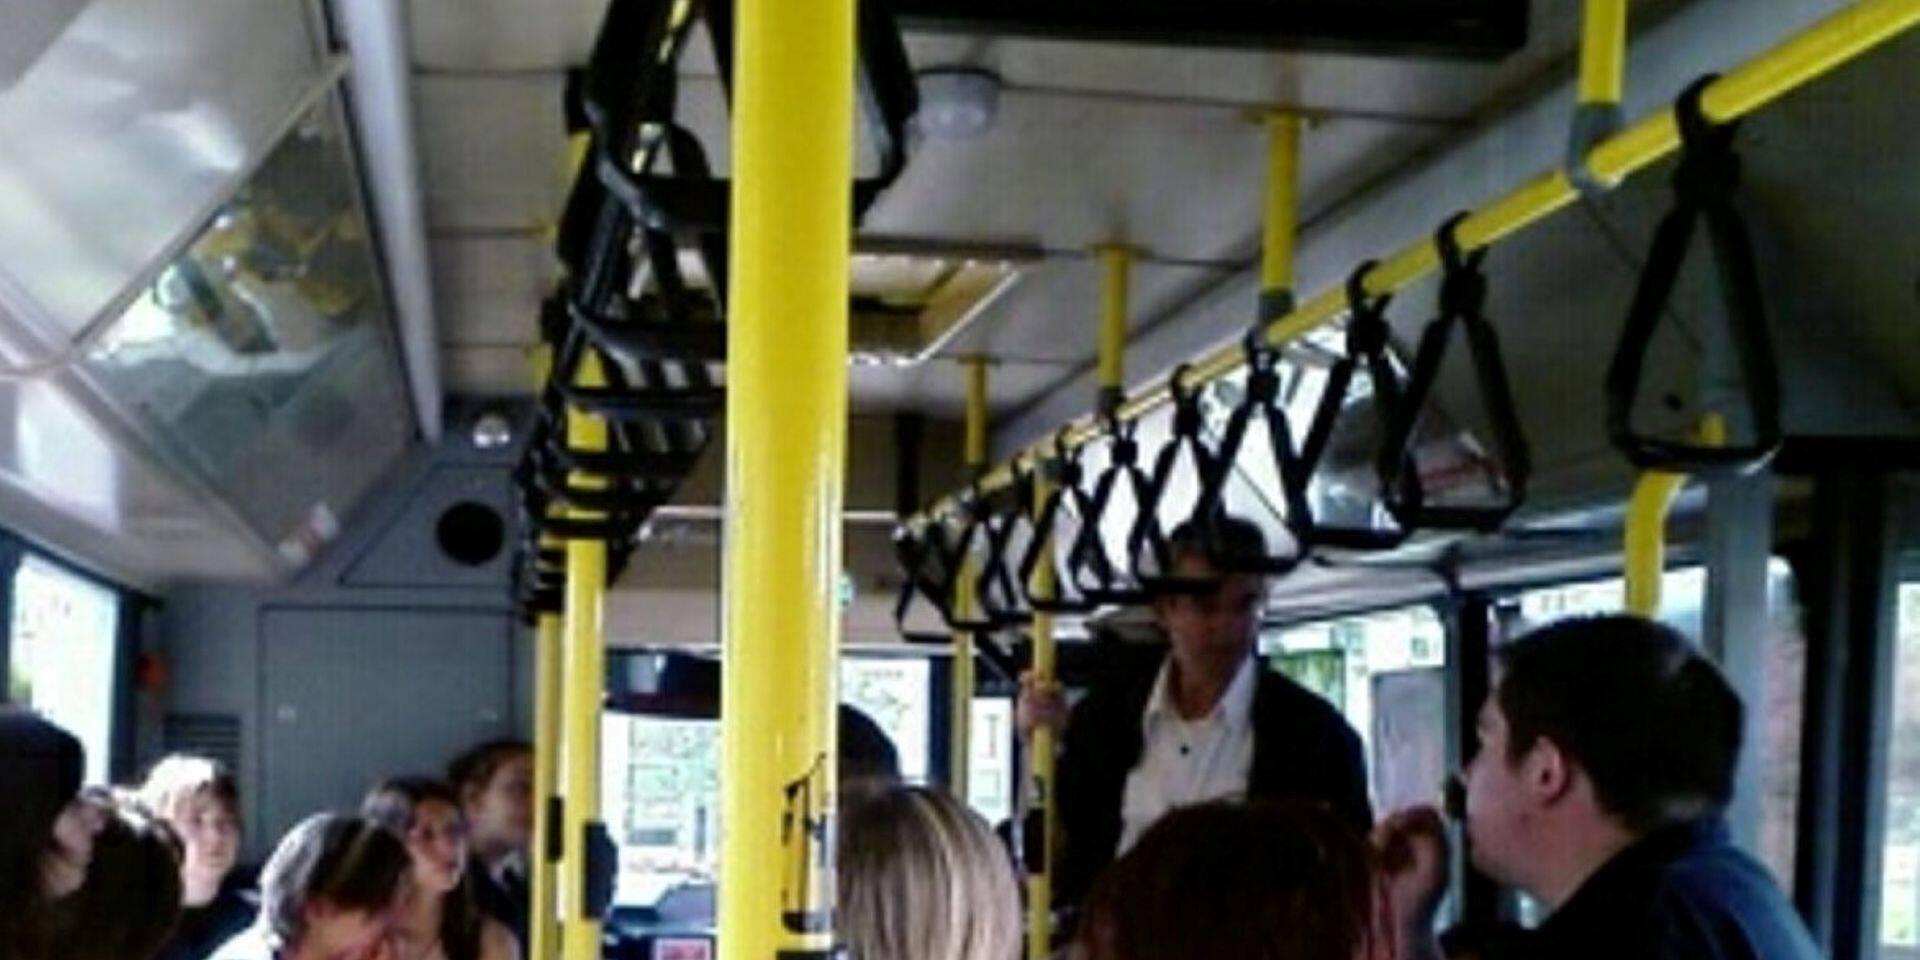 Manhay : le bus communal mis uniquement à disposition des associations locales